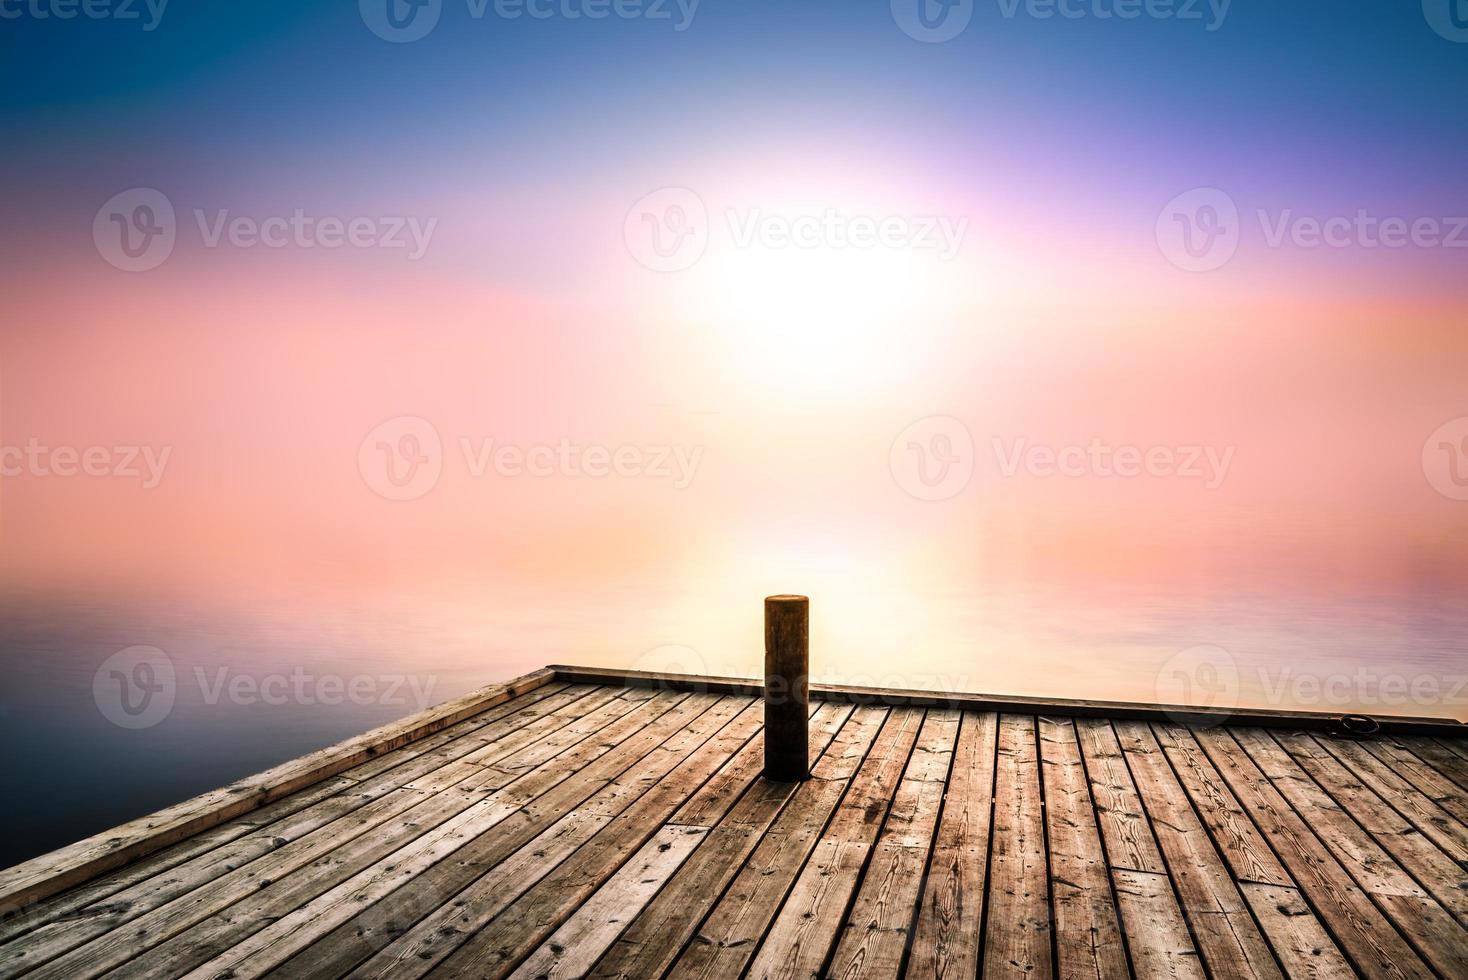 foto pacifica e misteriosa con la luce del mattino su un lago